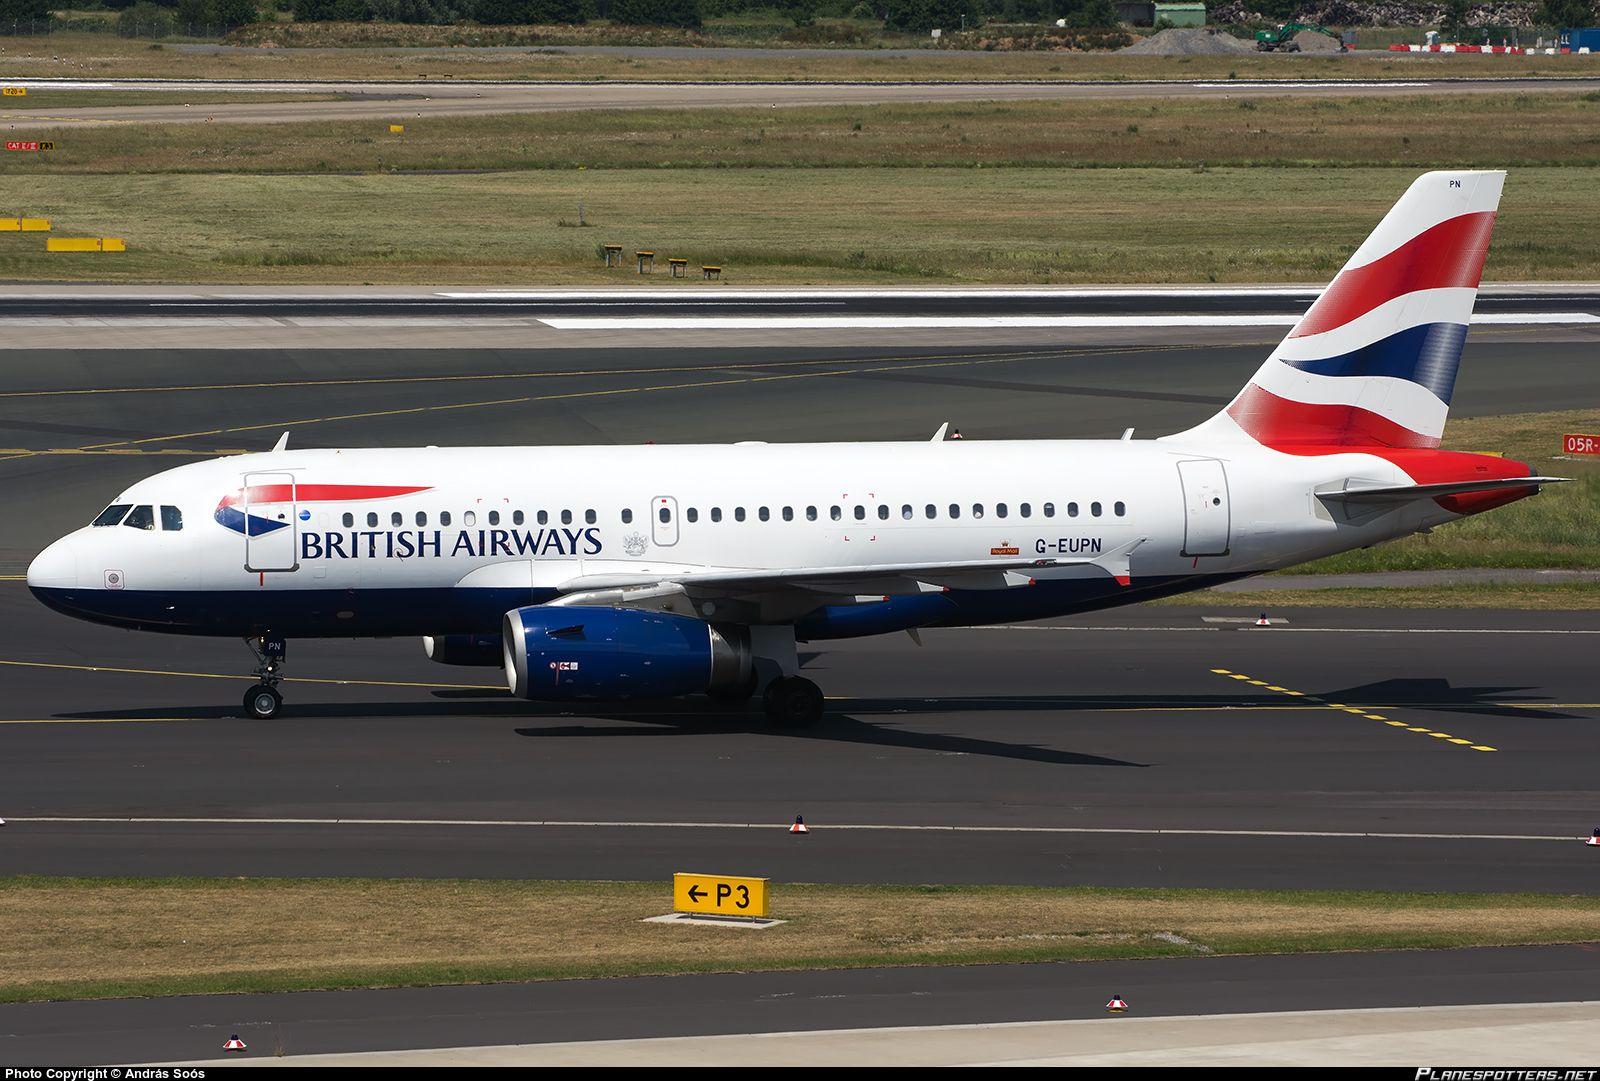 G-EUPN British Airways Airbus A319-131